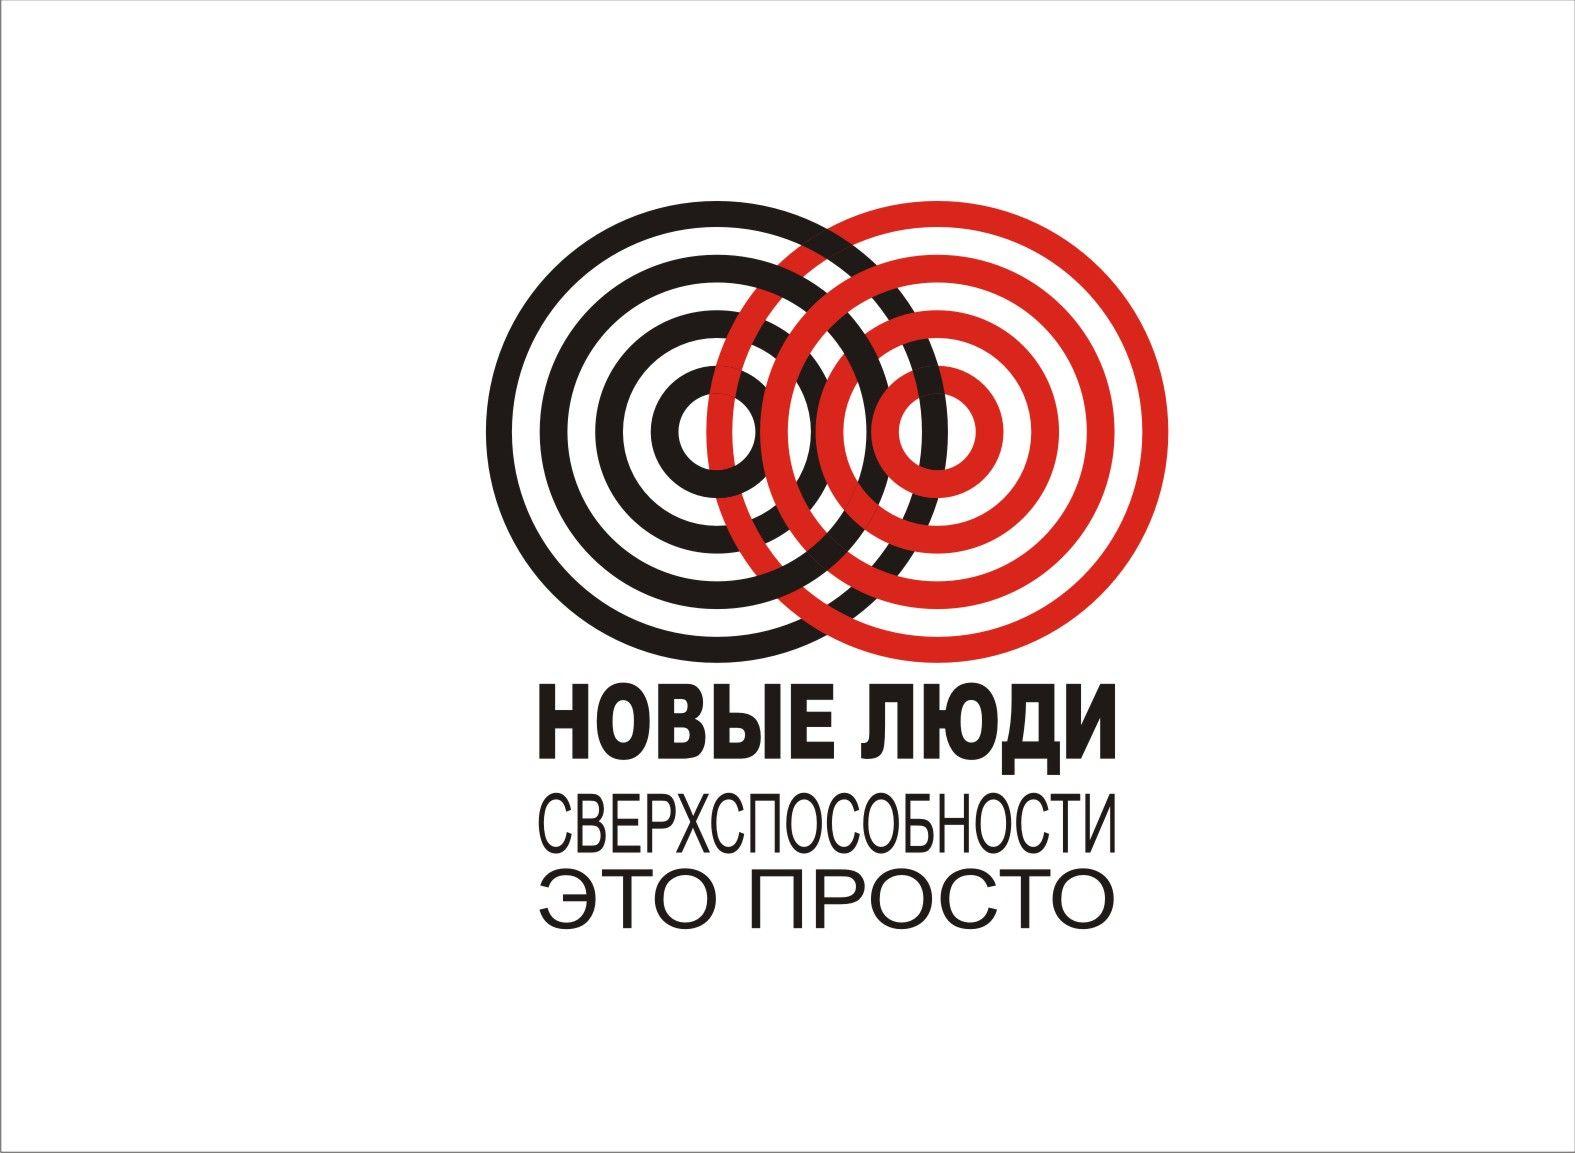 Лого и стиль тренингового центра/системы знаний - дизайнер Evgenia_021